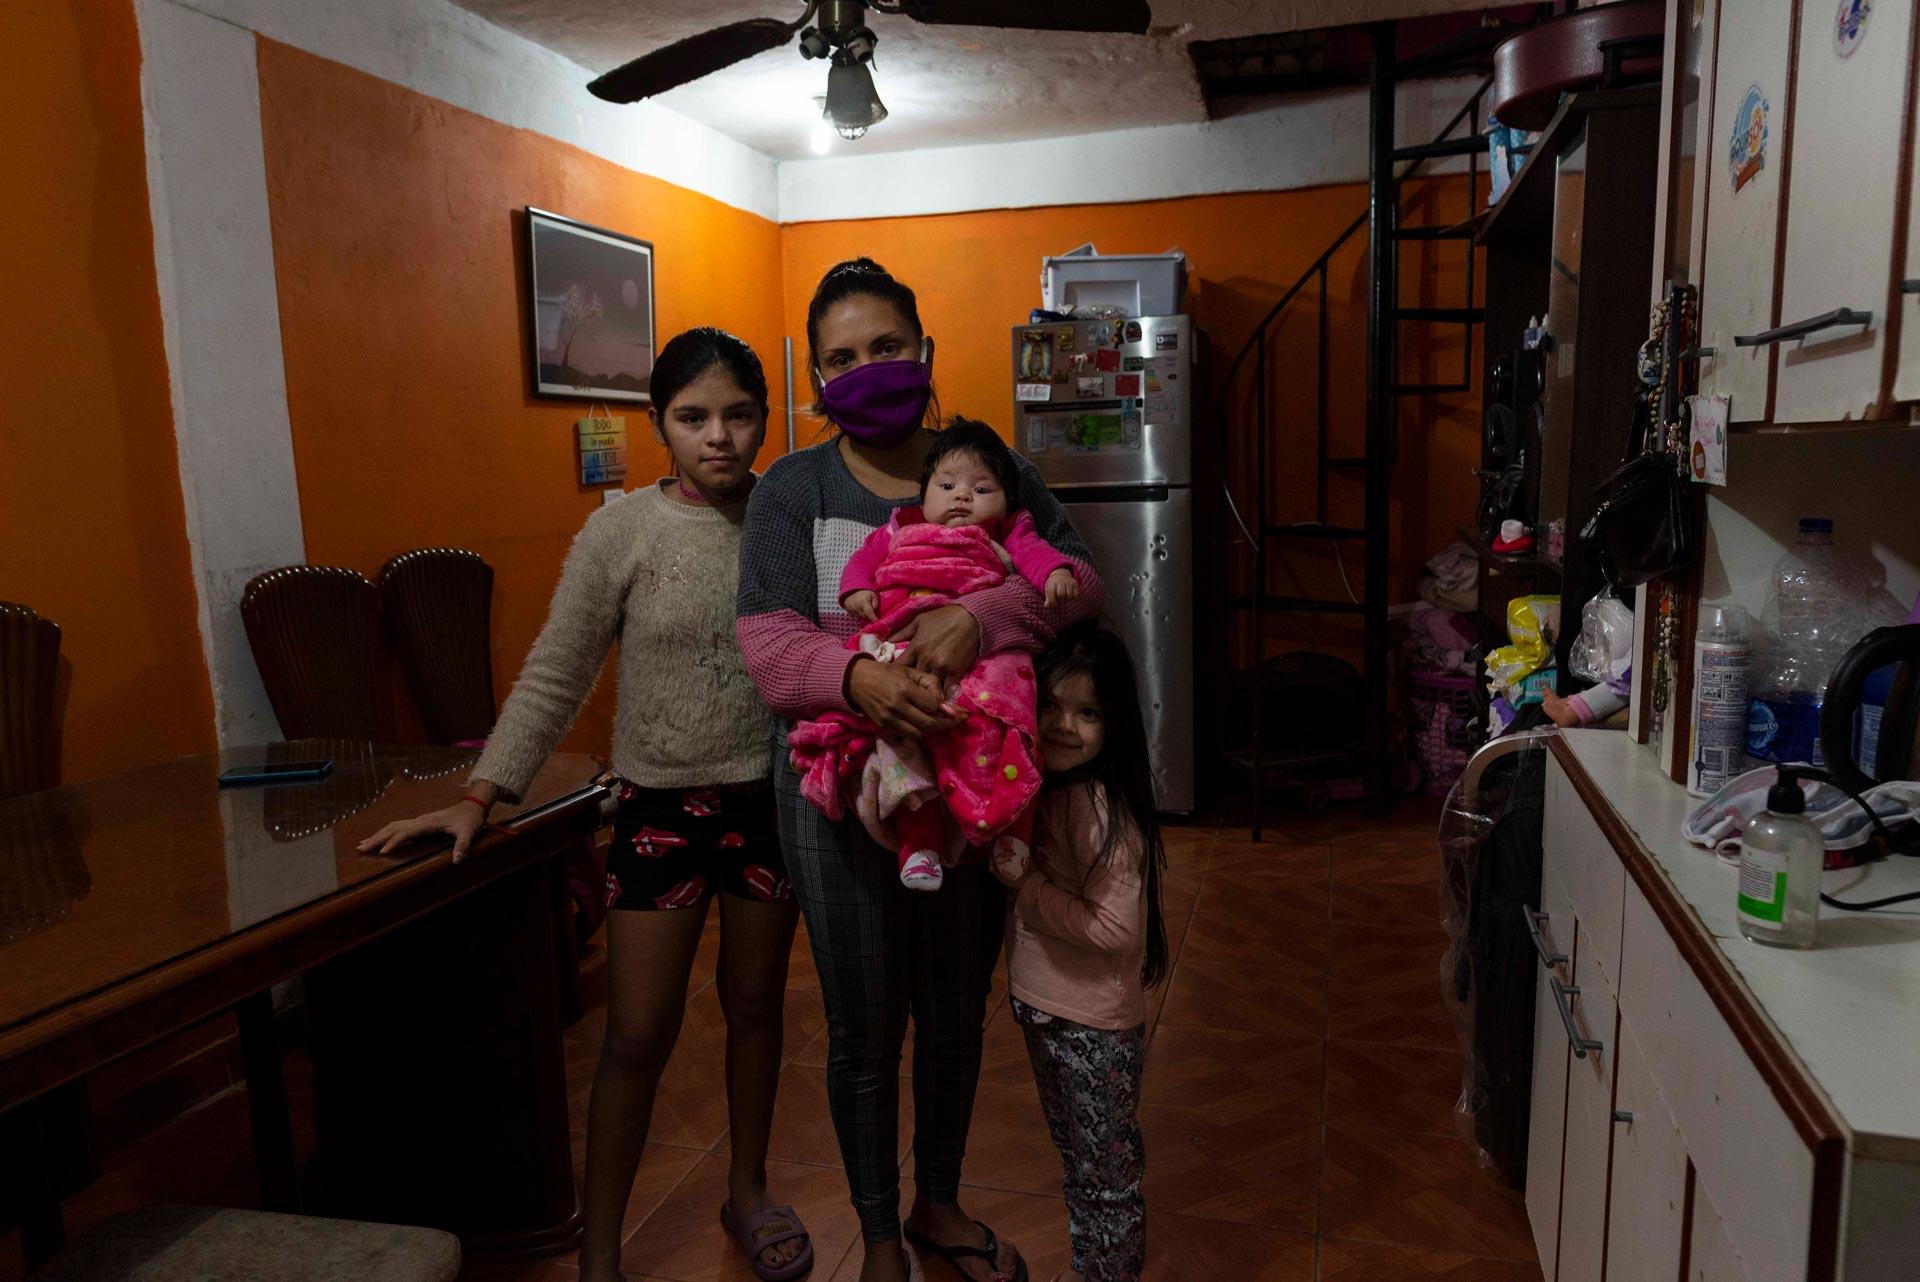 El camión no llega a la casa de Ana que vive con sus tres hijas y su marido. Ambos son vendedores ambulantes. Por la pandemia ella está sin trabajo. Hace 10 días que la familia no tiene agua. Ana (26) posa para esta fotografía con sus hijas Agostina (10), Juana (5) y Lara (3 meses).